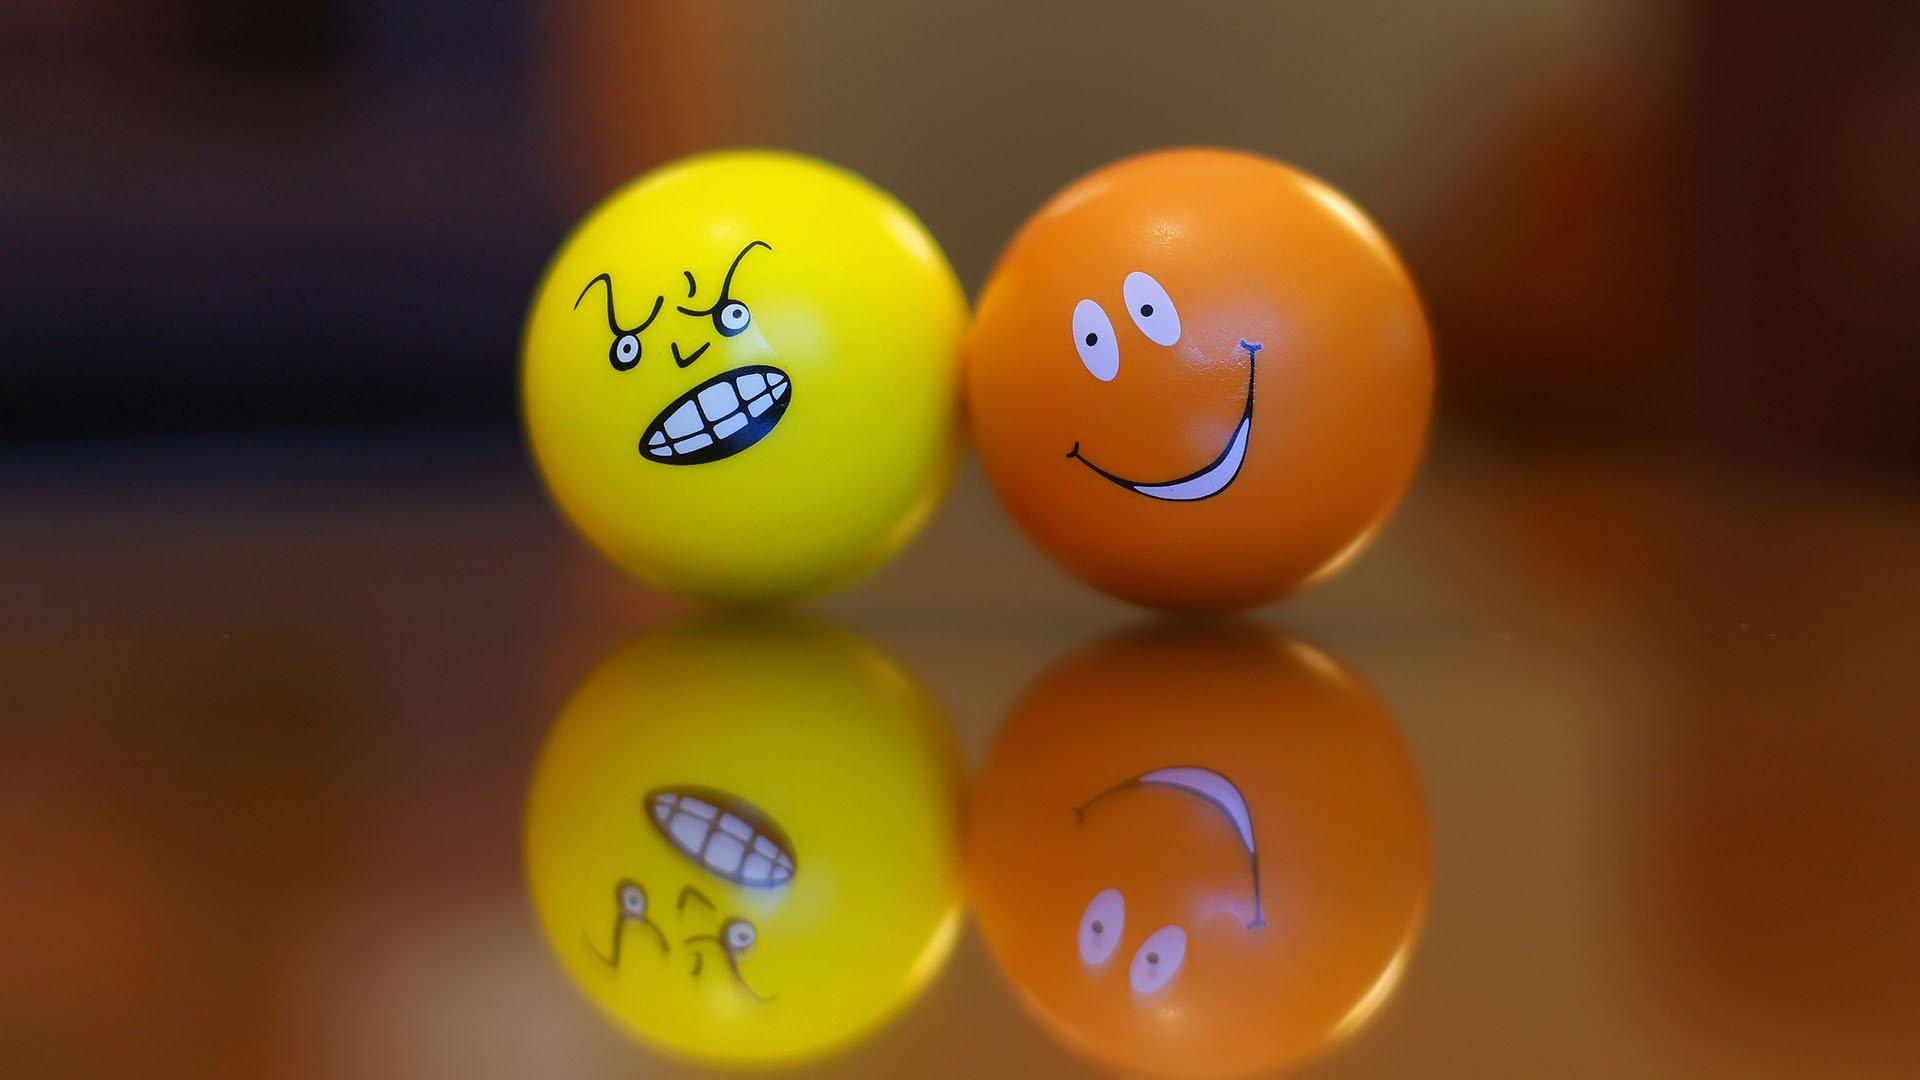 сайте картинки на рабочий стол позитивные на работе горшочках